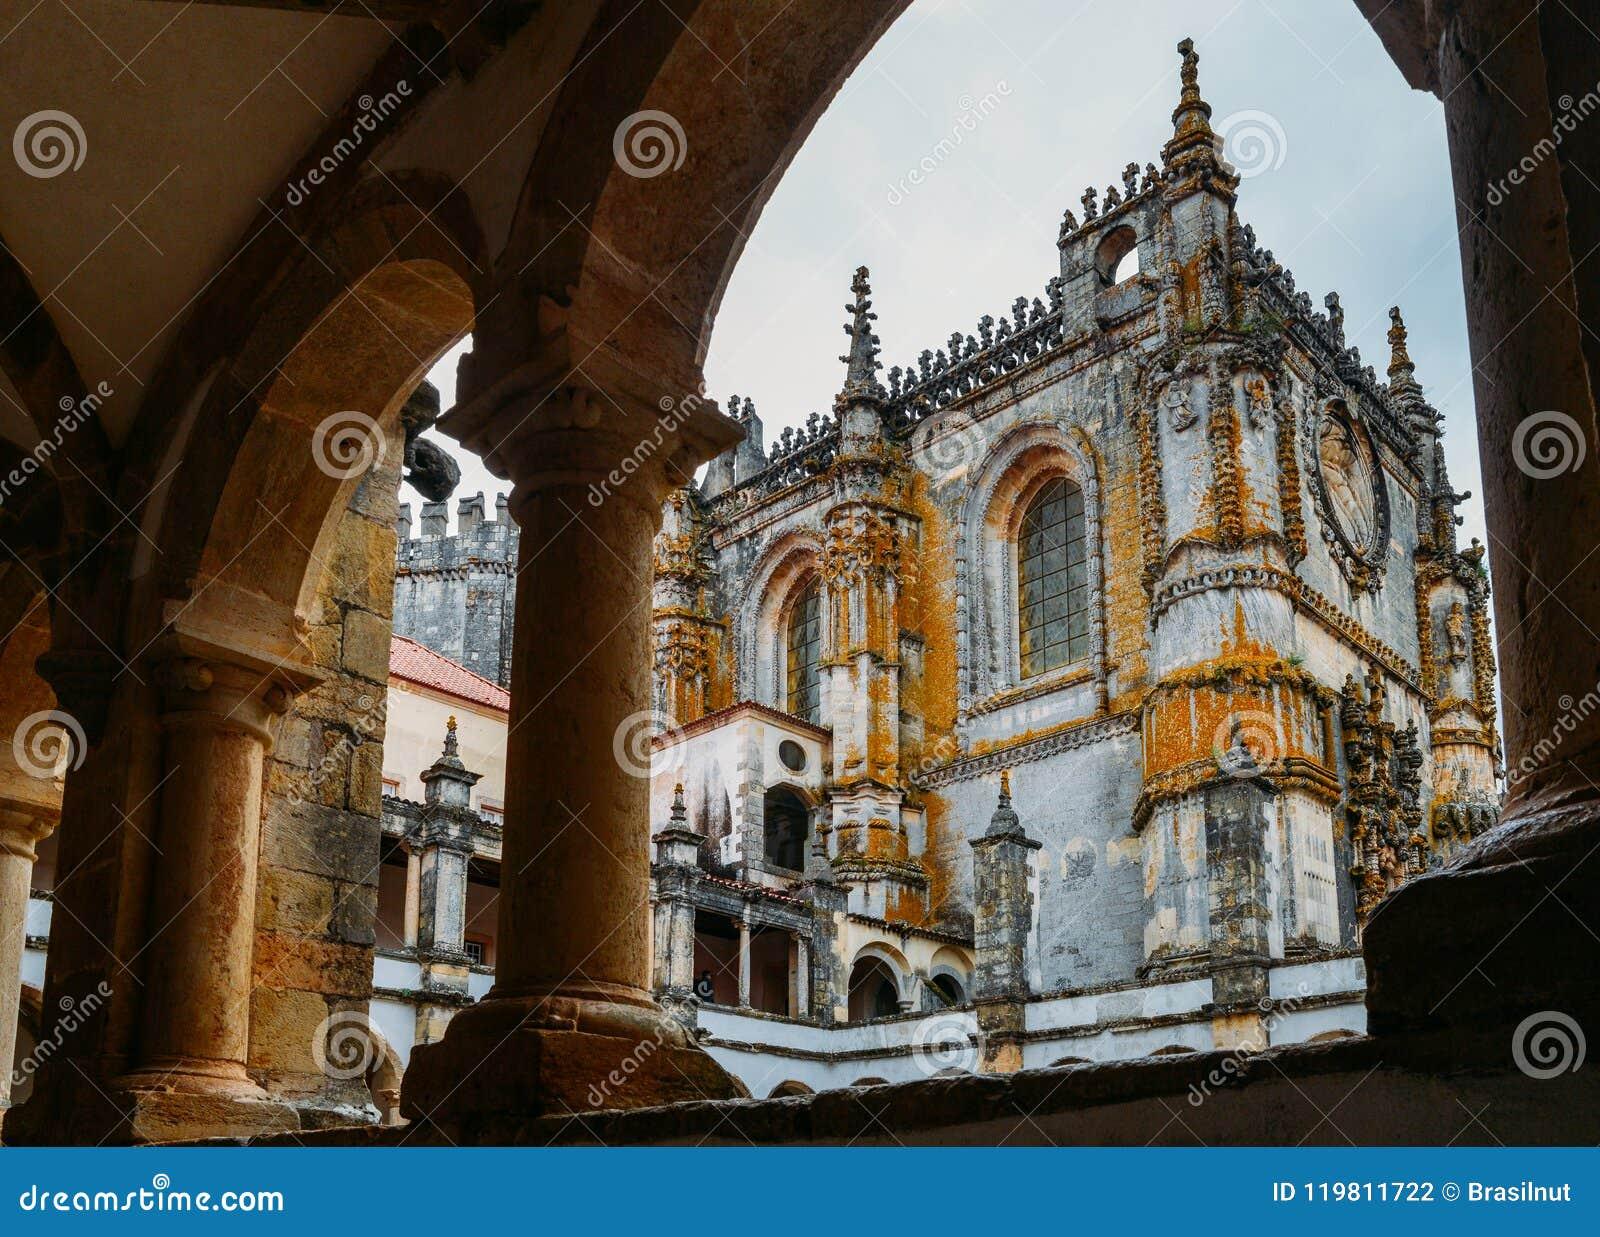 Fachada del convento de Cristo con su ventana compleja famosa de Manueline en el castillo medieval de Templar en Tomar, Portugal